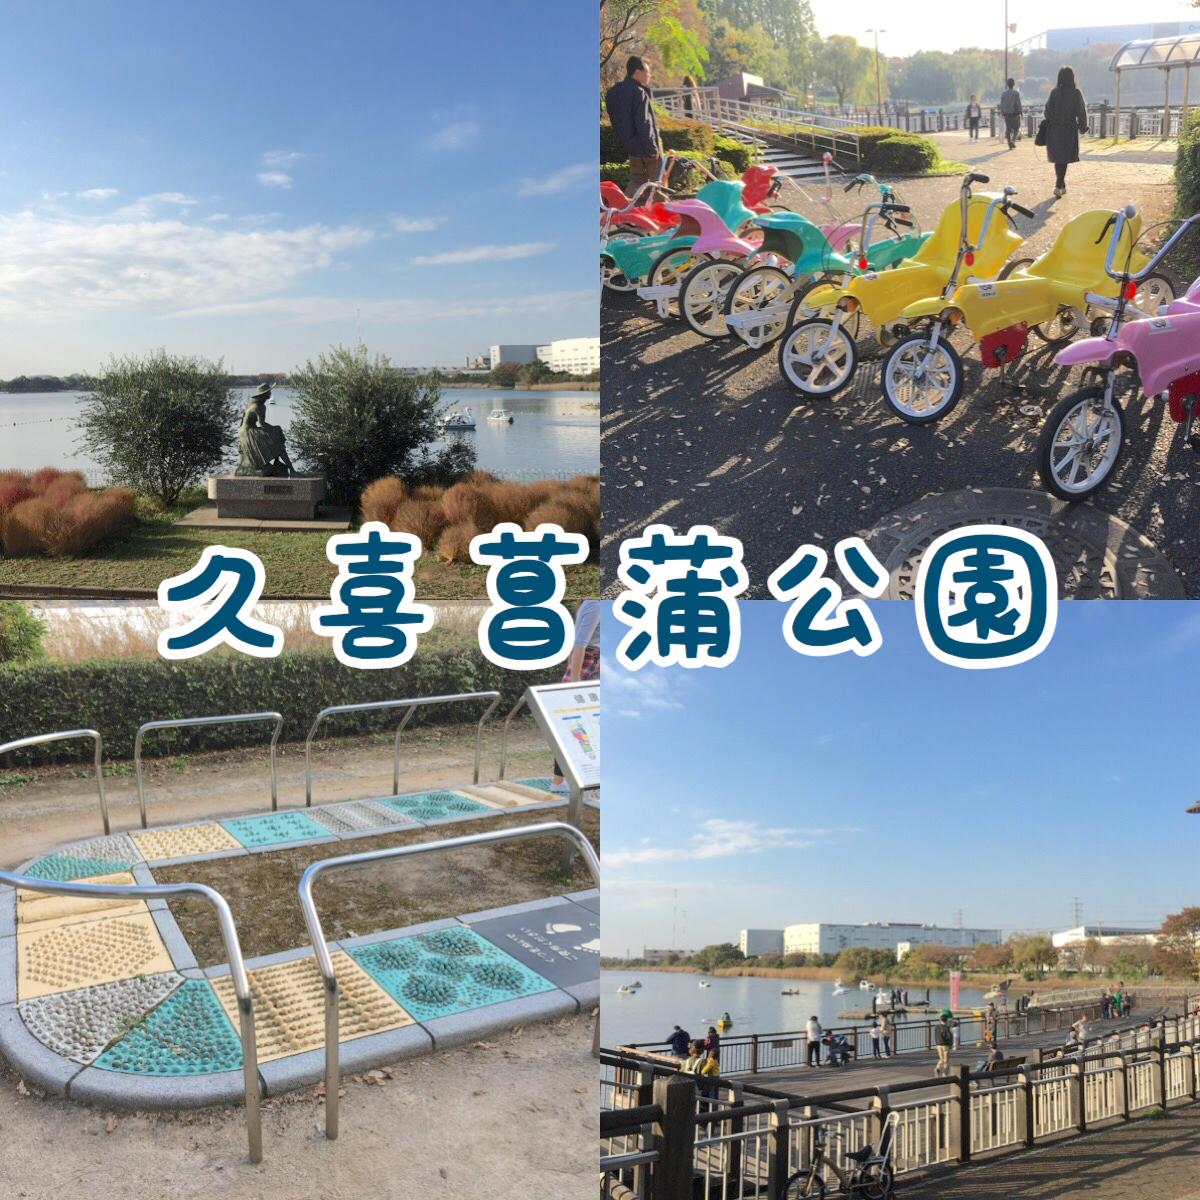 『久喜菖蒲公園』はレンタル自転車・貸しボートが人気!魅力を一挙紹介